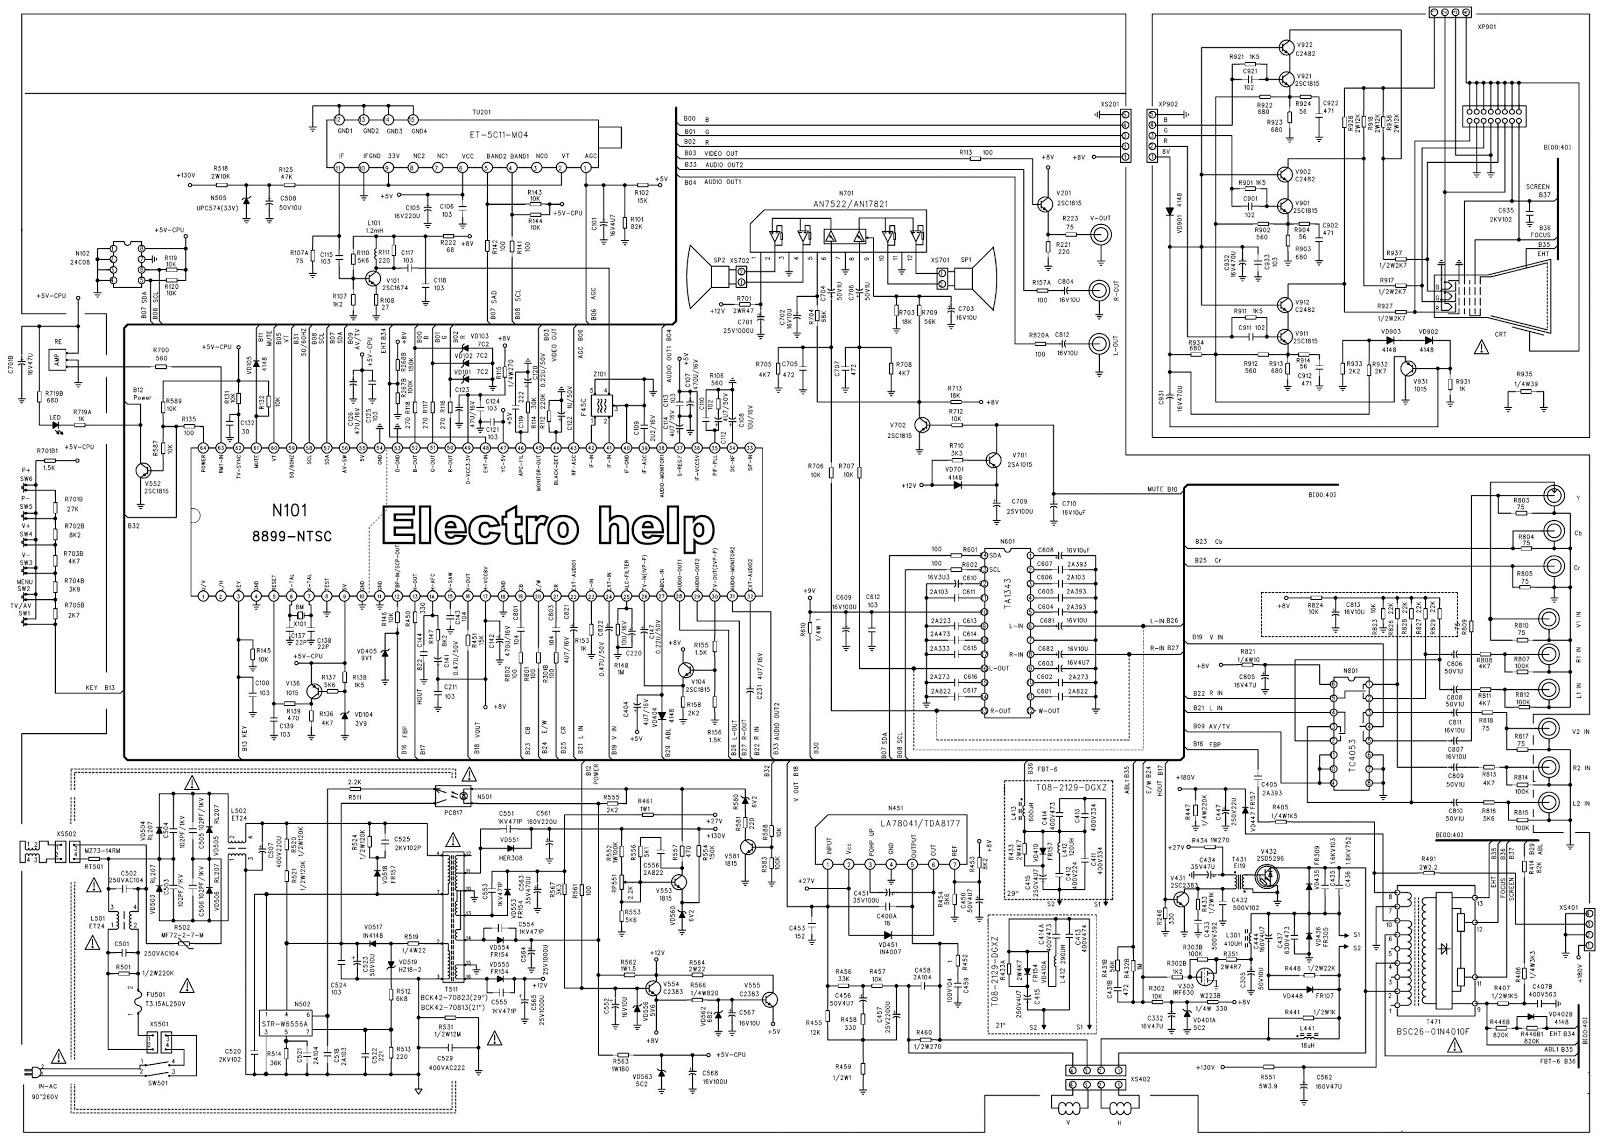 Circuit Diagram For Tv: Tv schematic diagram wiring